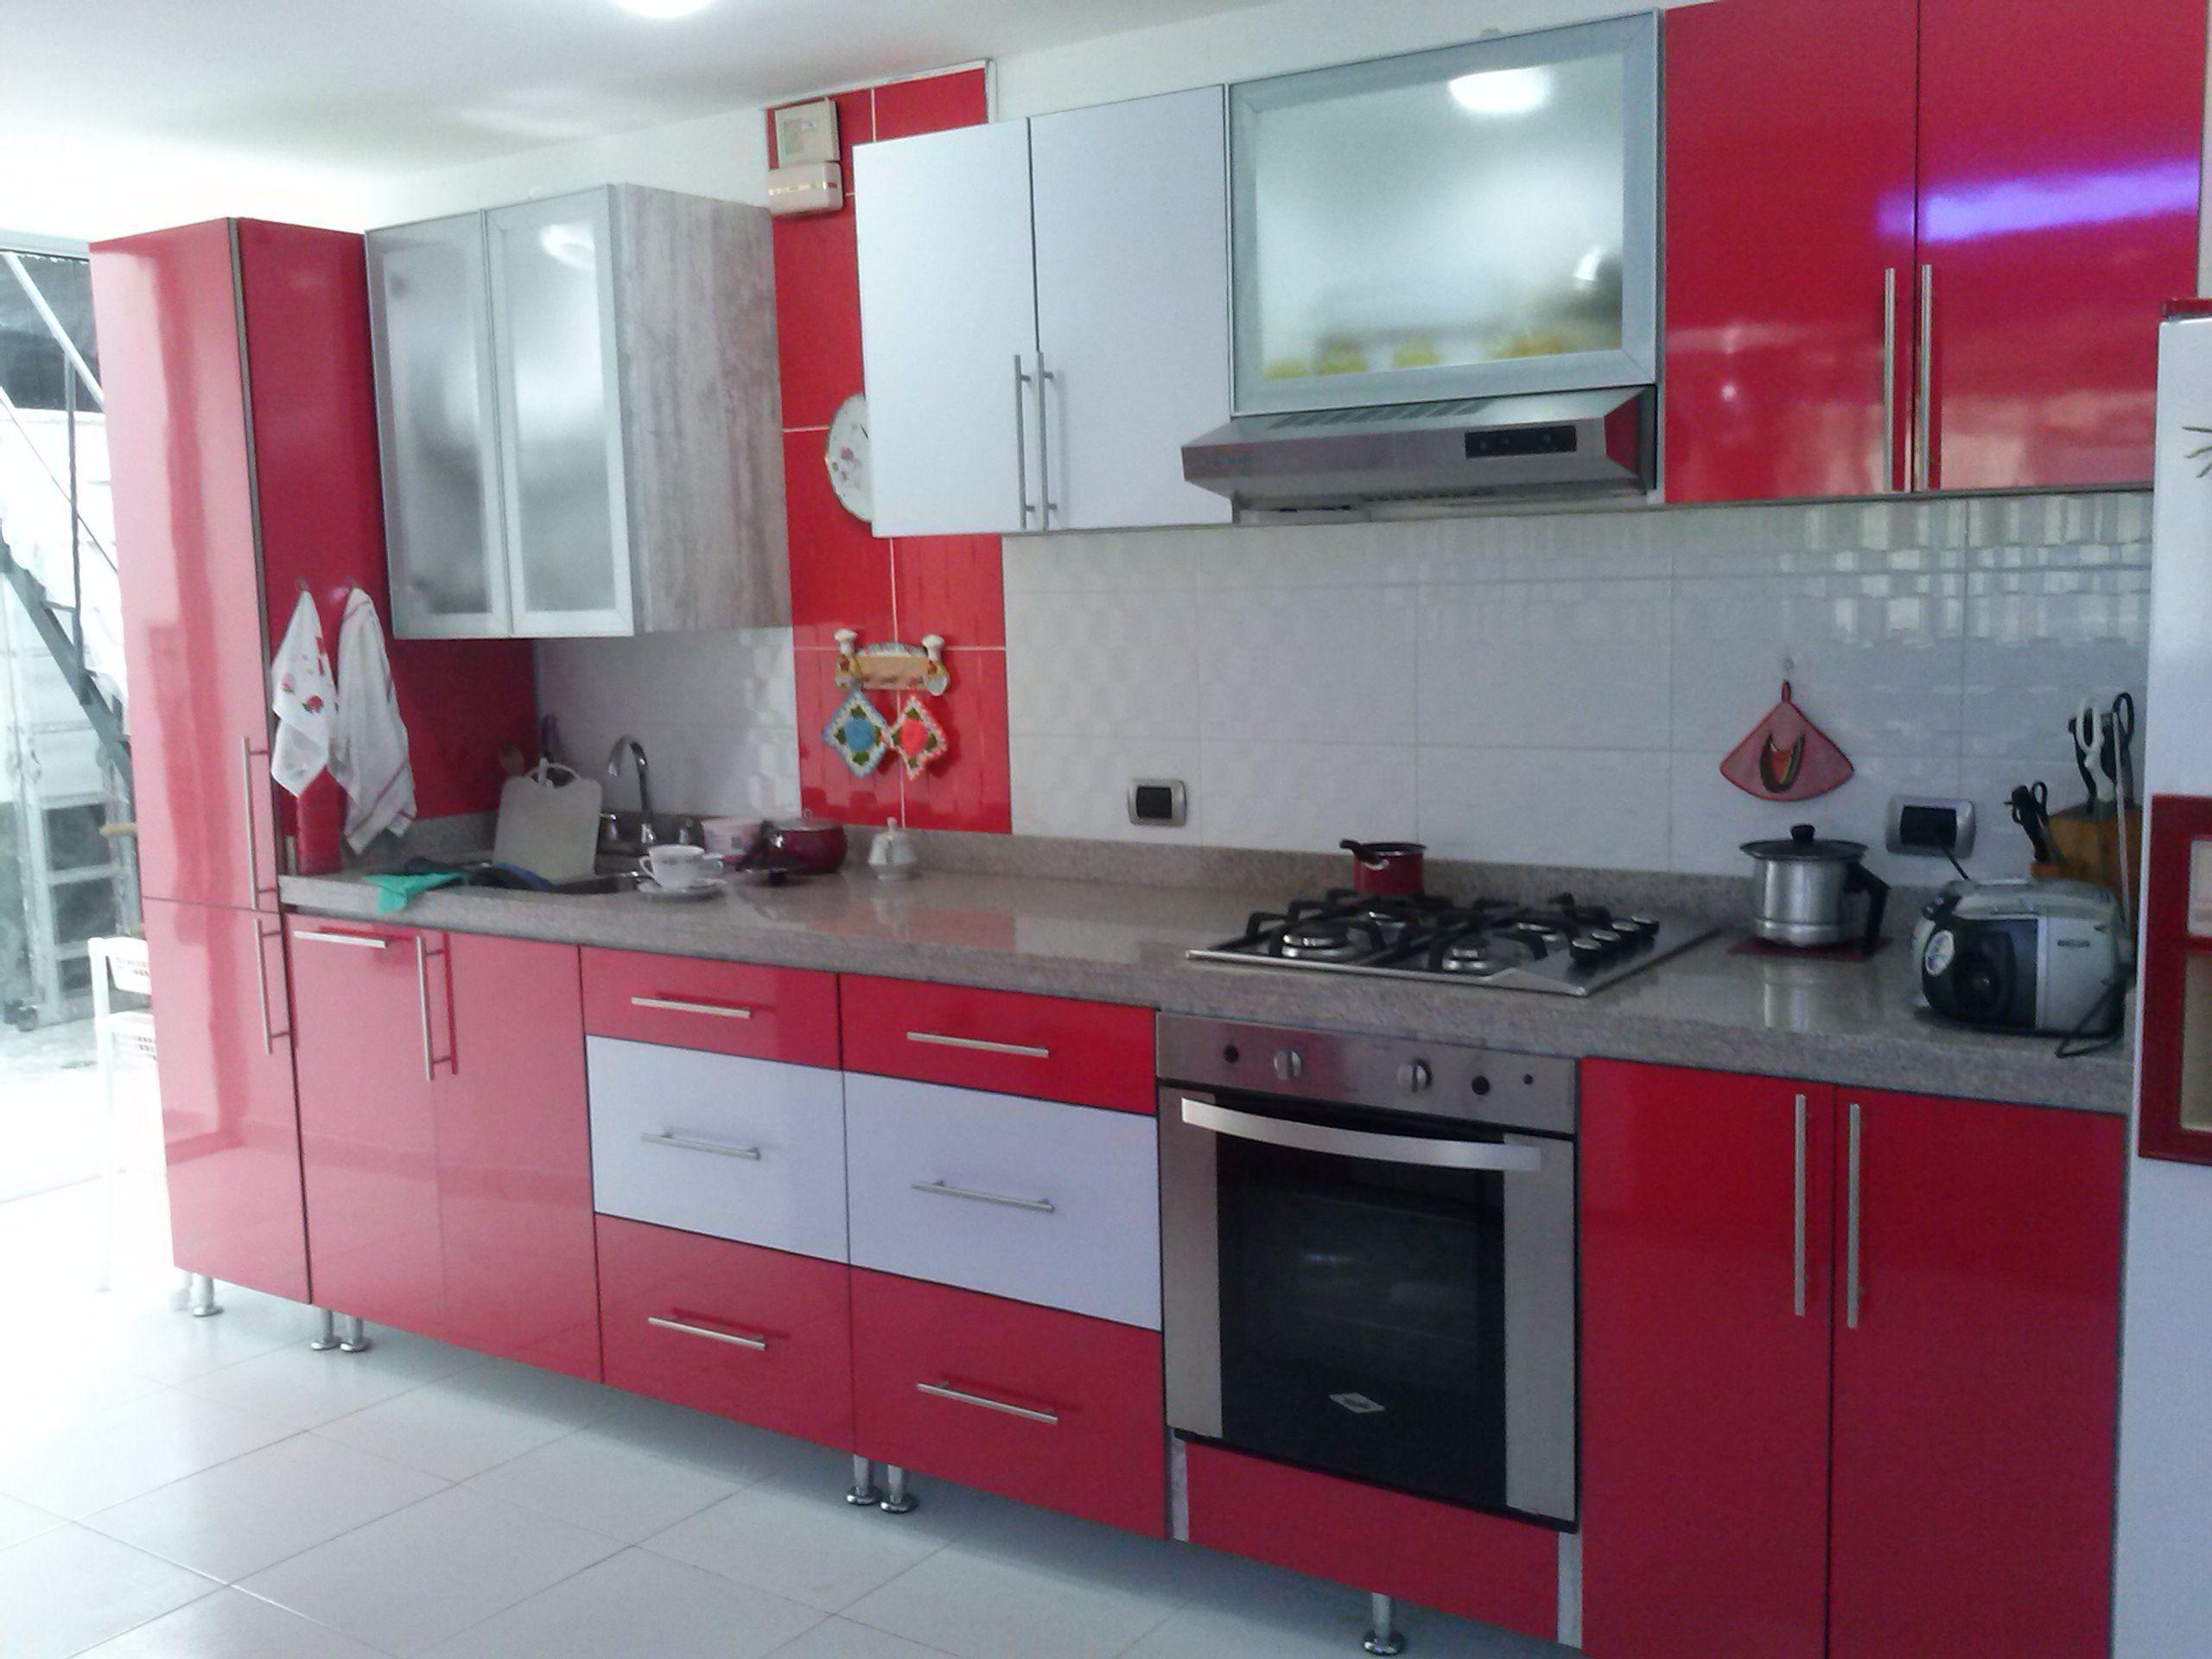 Cocina integral roja con puertas en aluminio y vidrio